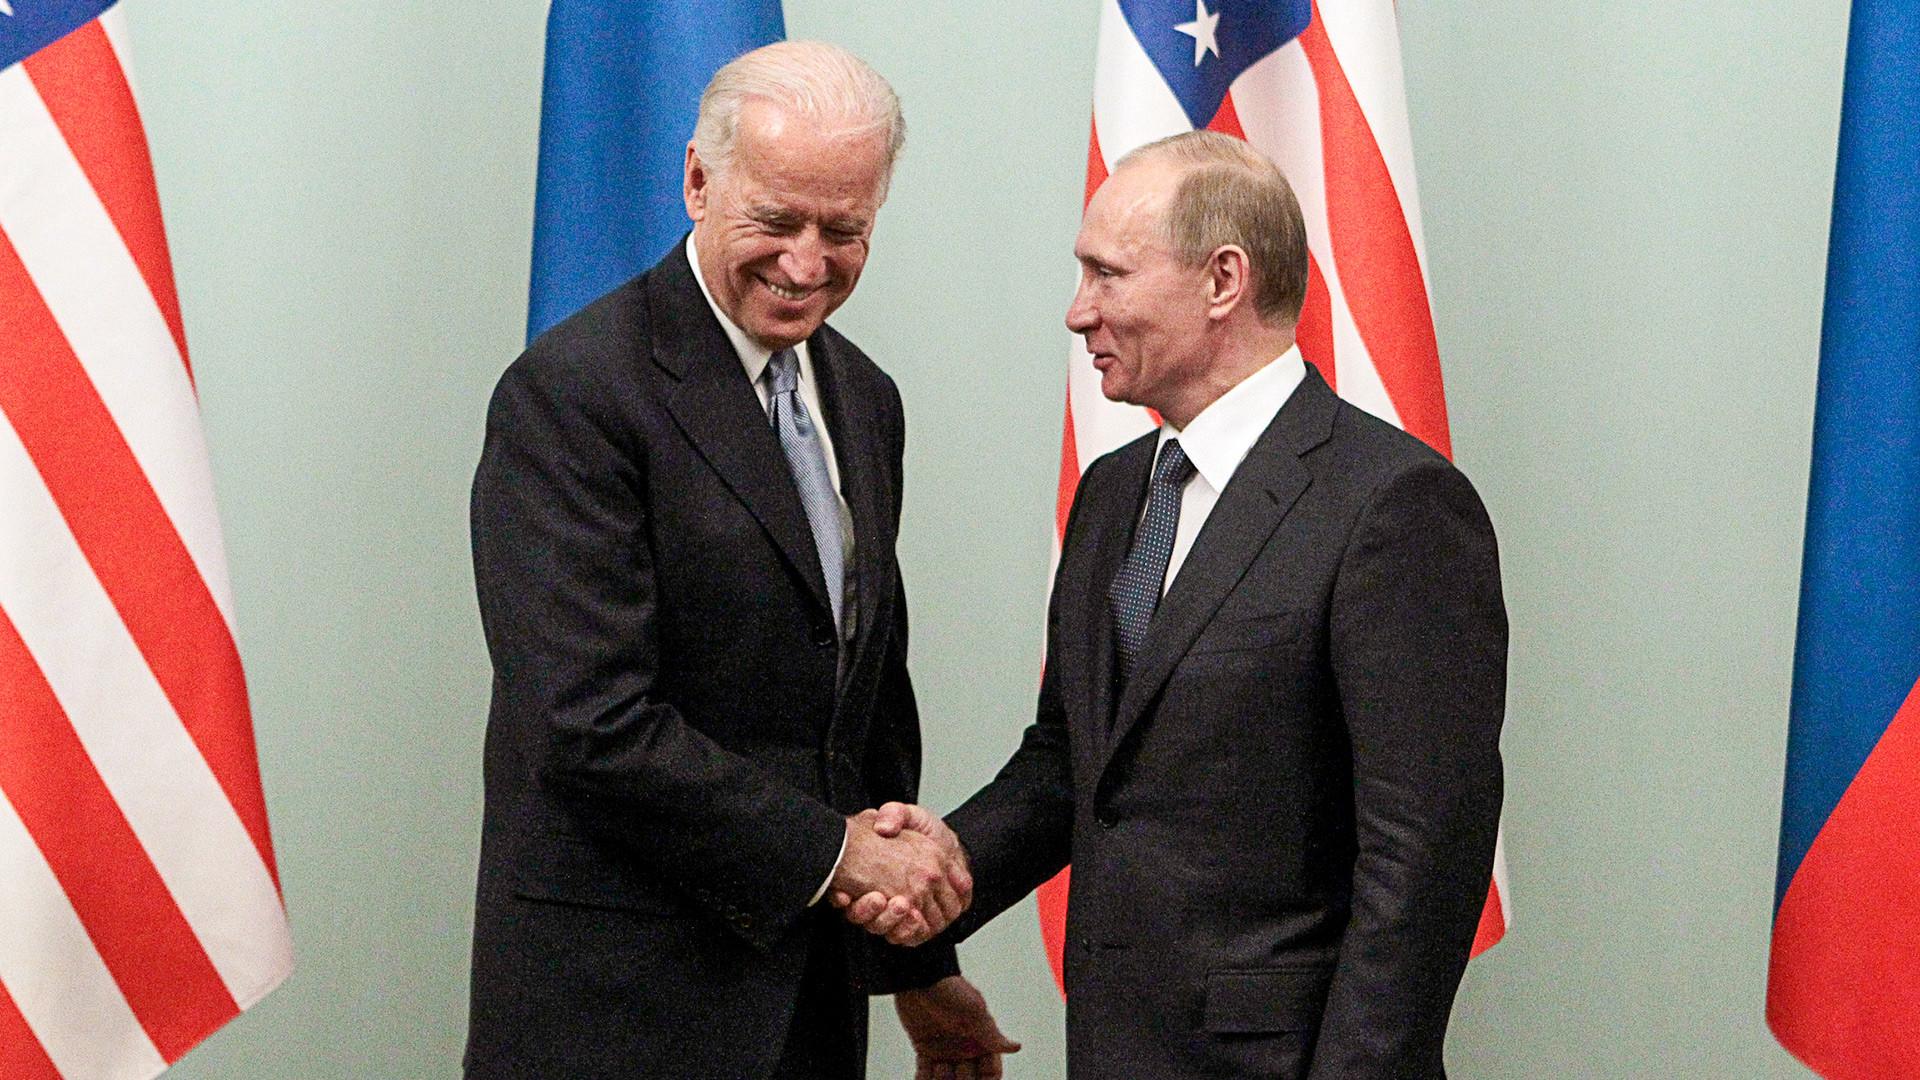 Biden et Poutine, alors premier ministre de Russie, le 10 mars 2011 à Moscou